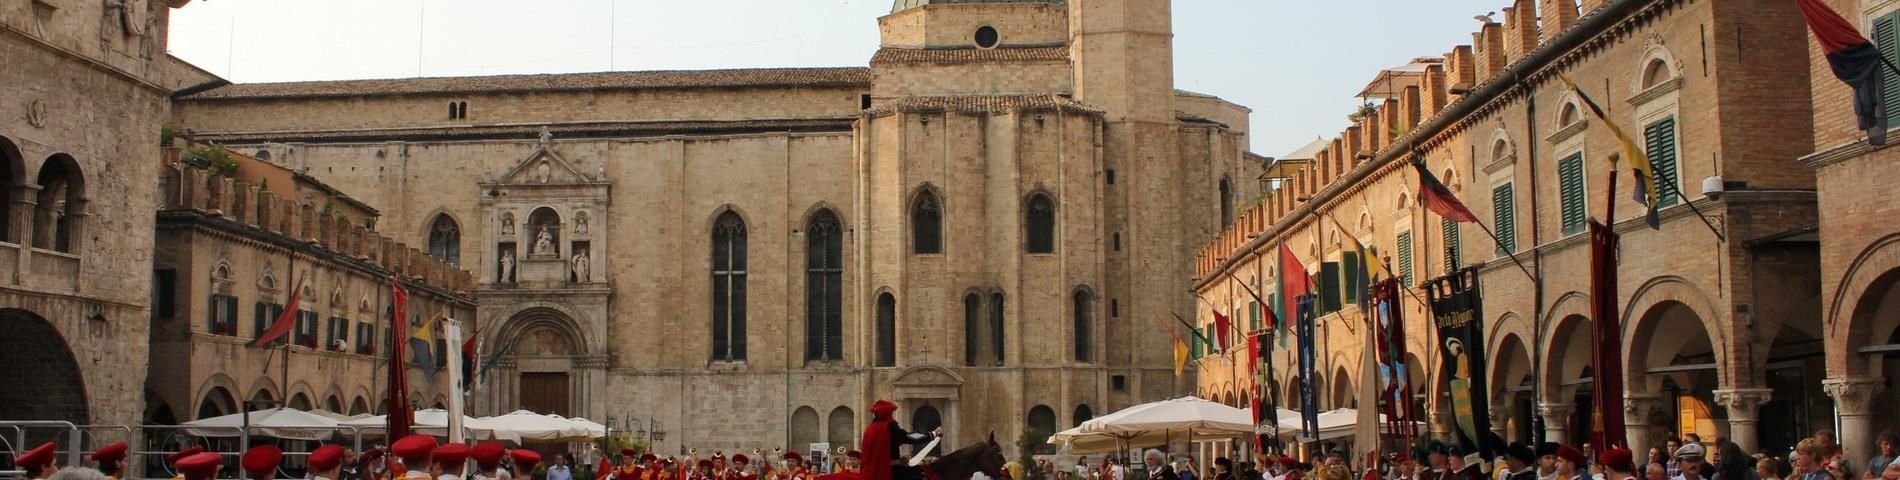 Centro Culturale Conero bild 1